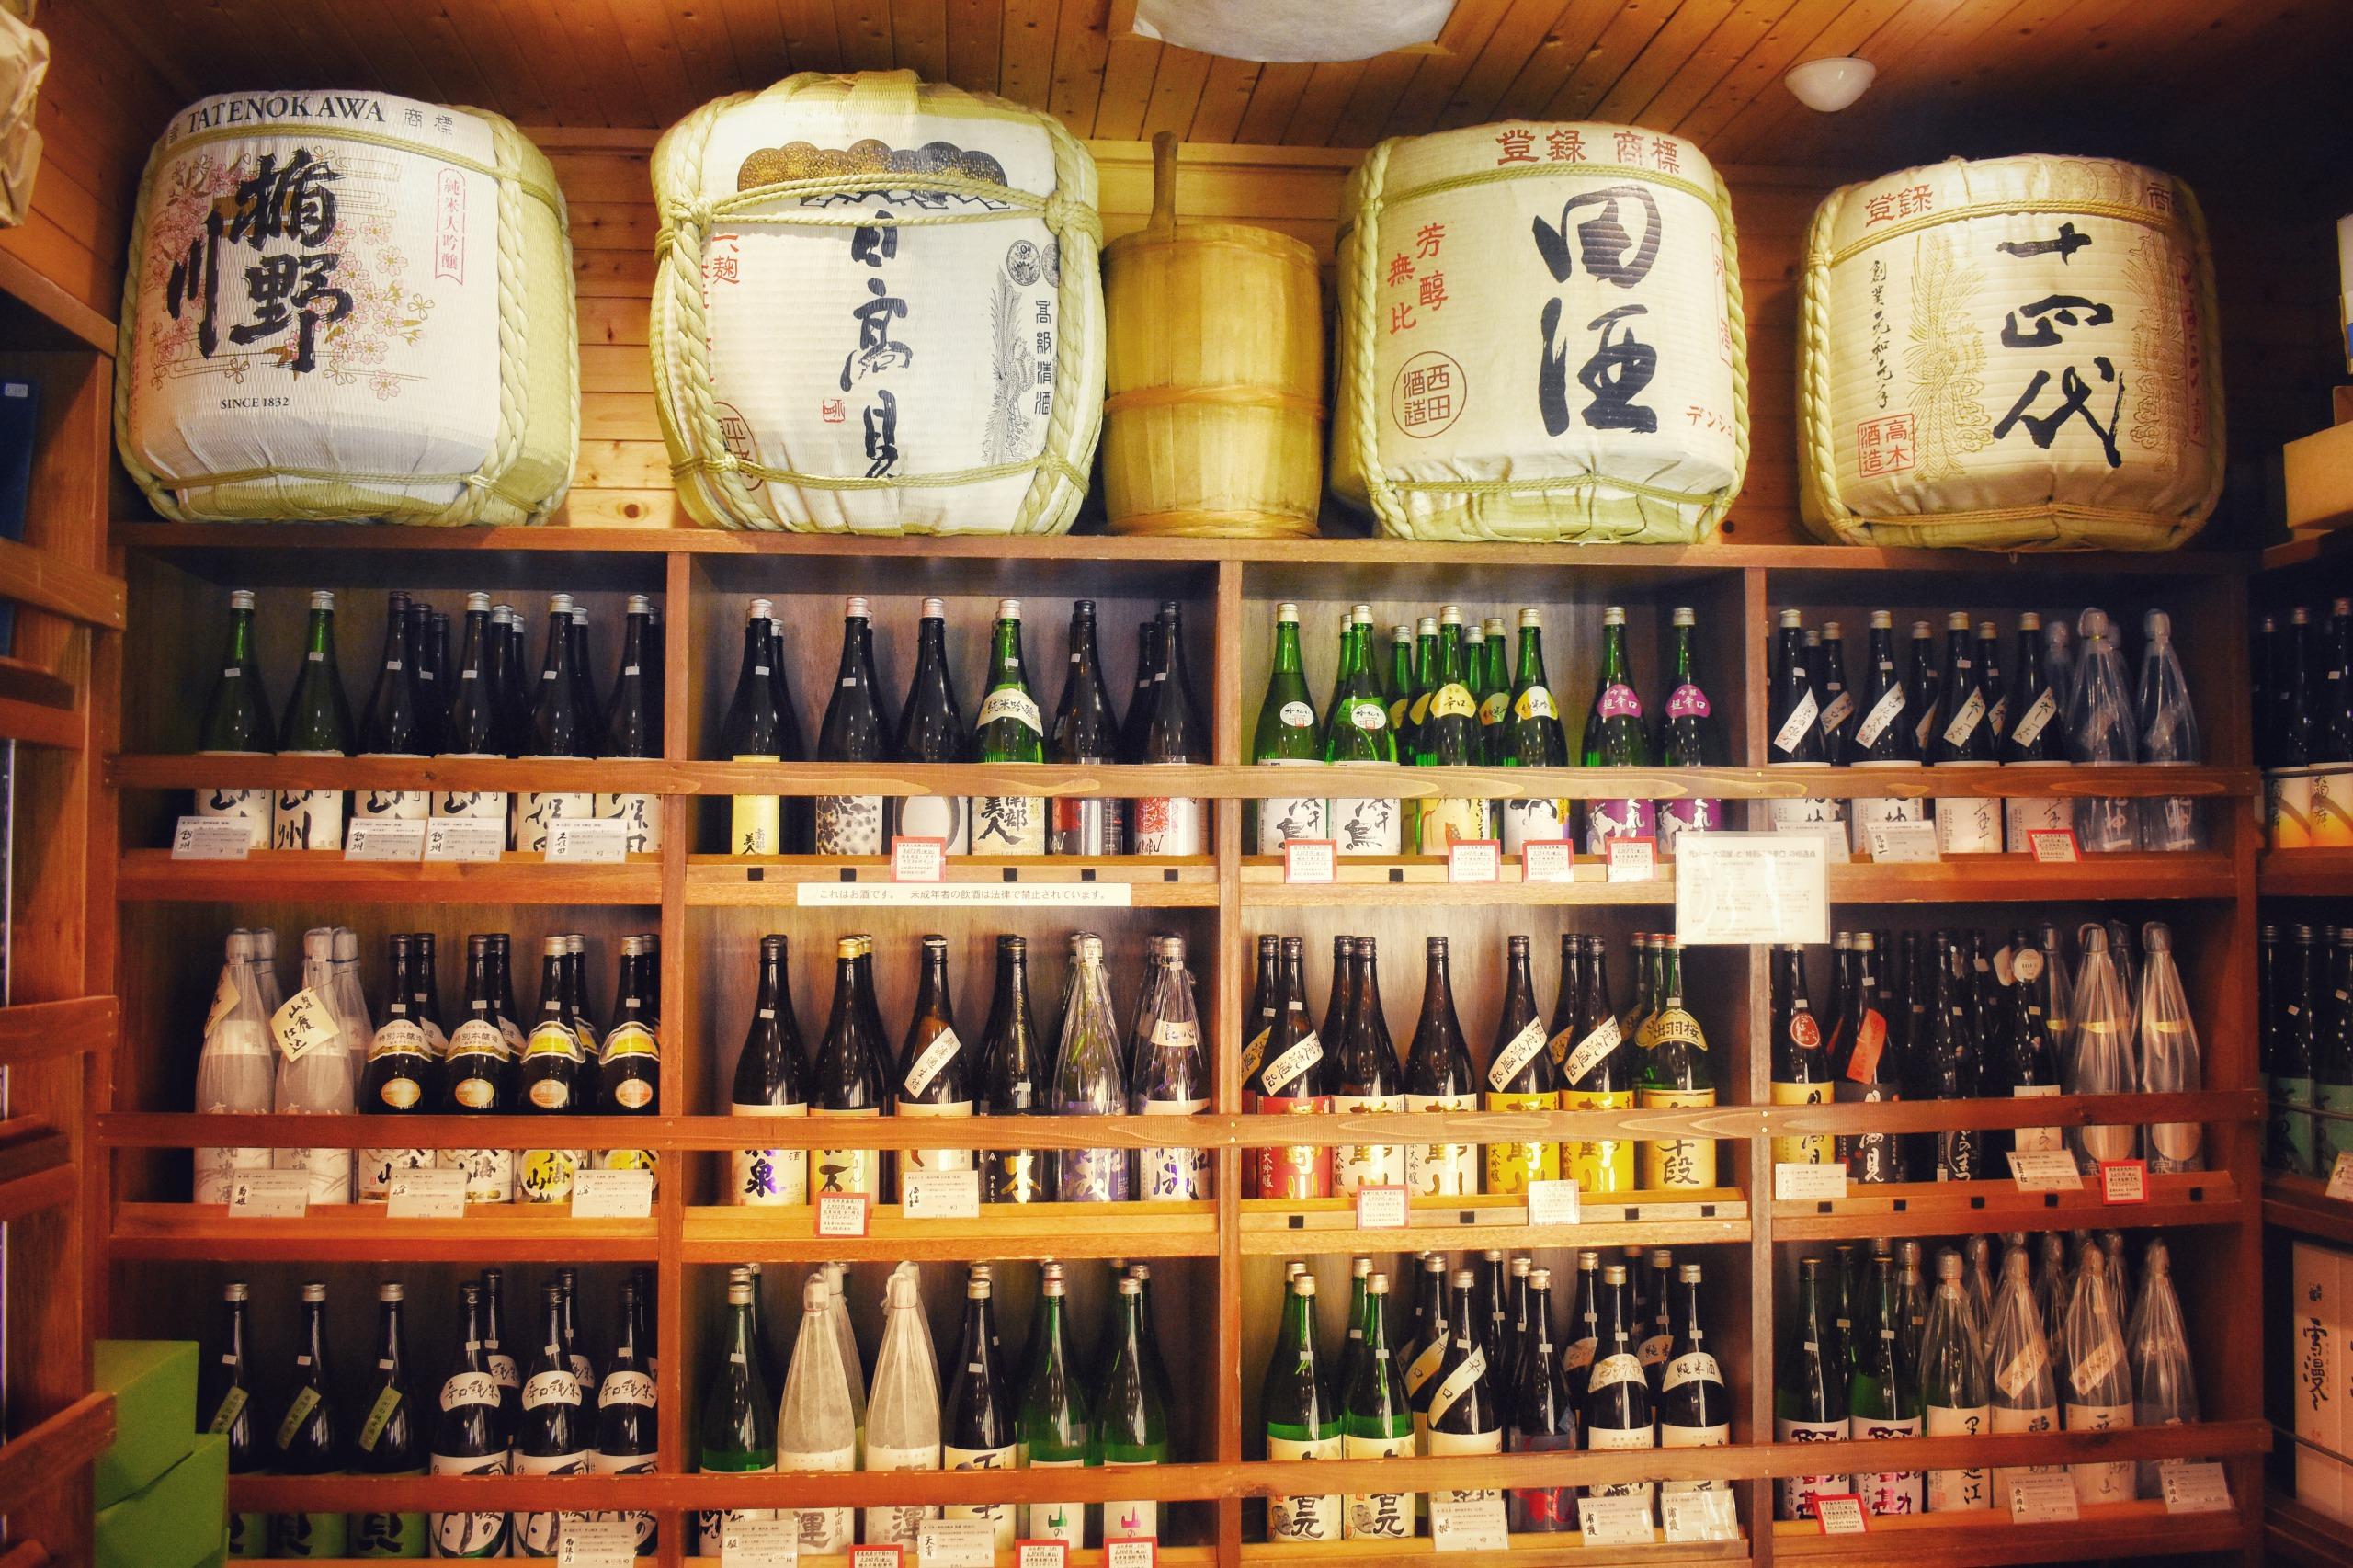 日本酒買うなら、「カネタケ青木商店」で!